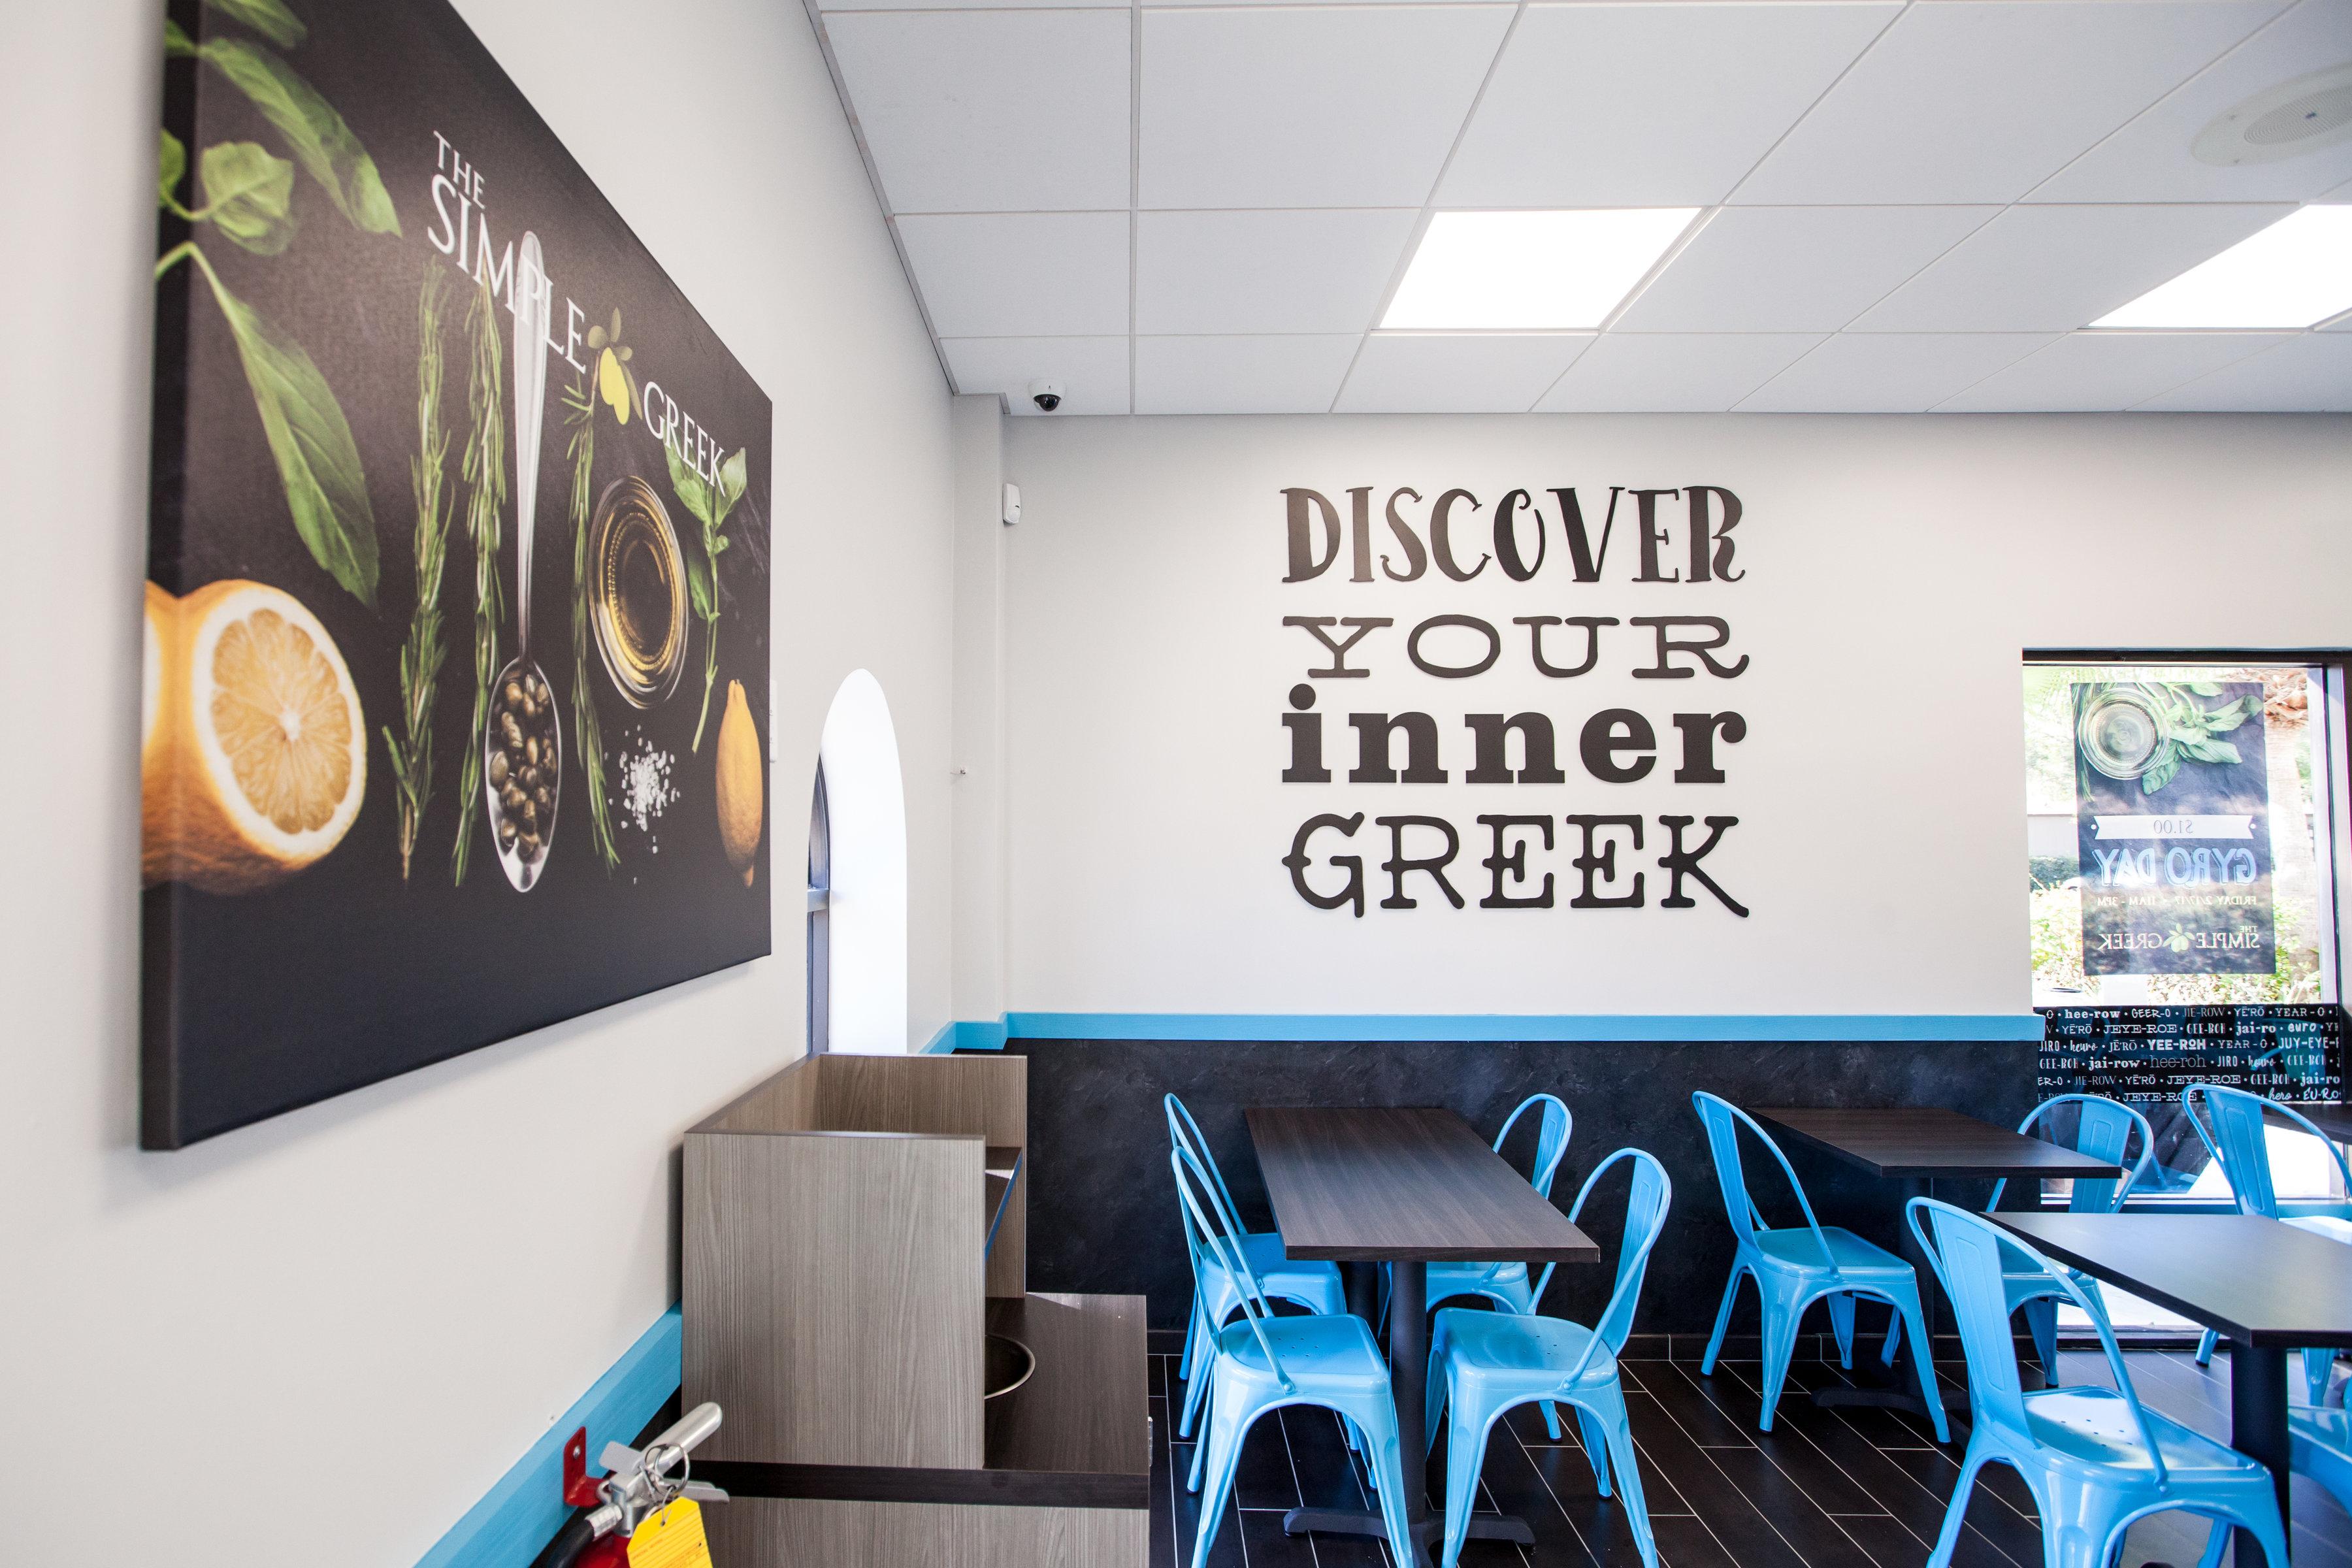 Phil Stefani S New Greek Restaurant